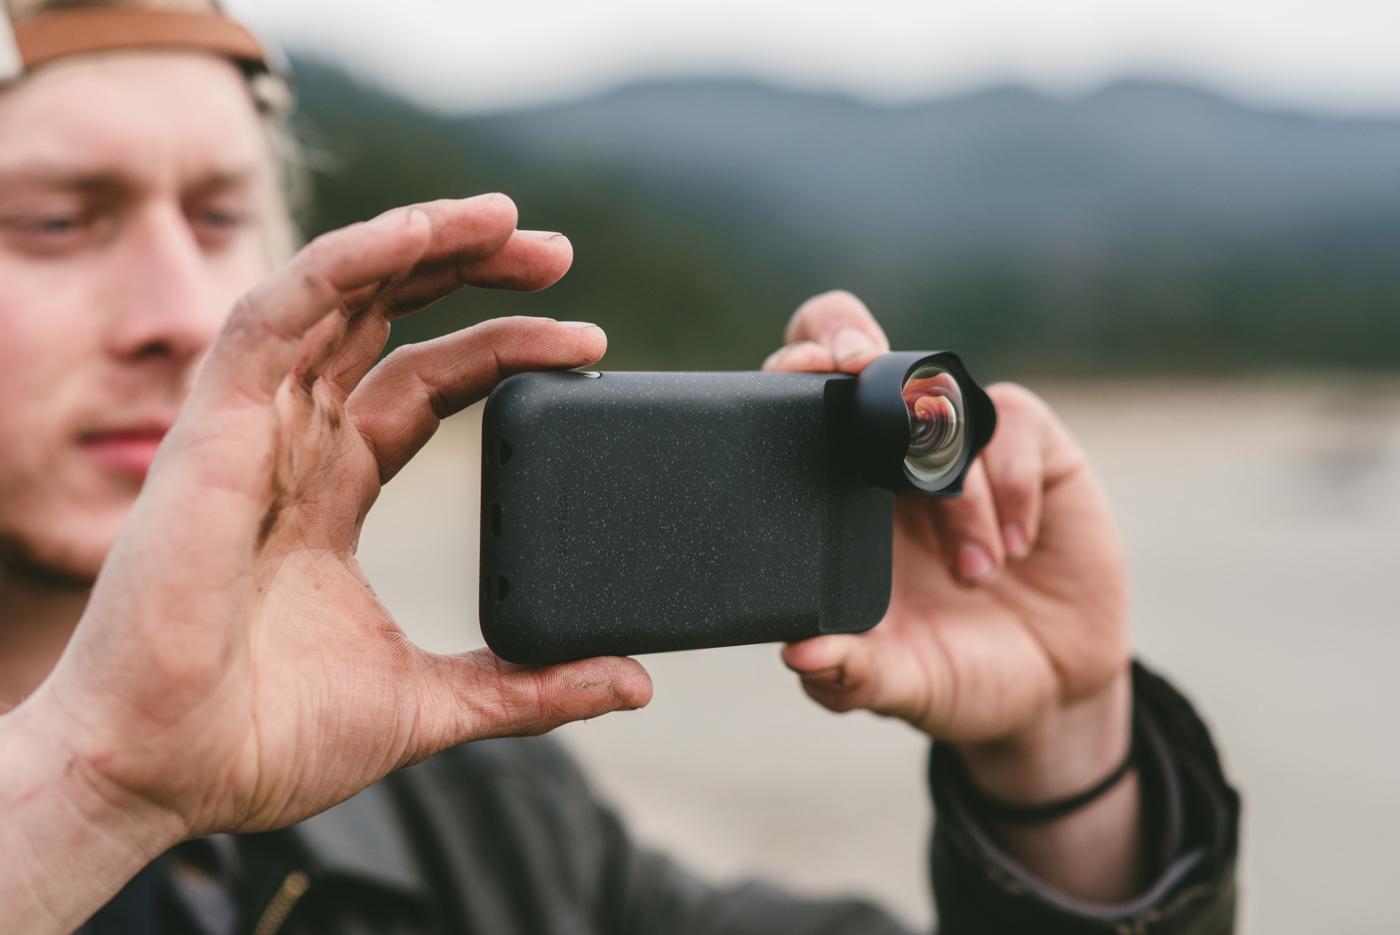 Customer using V2 lens and case